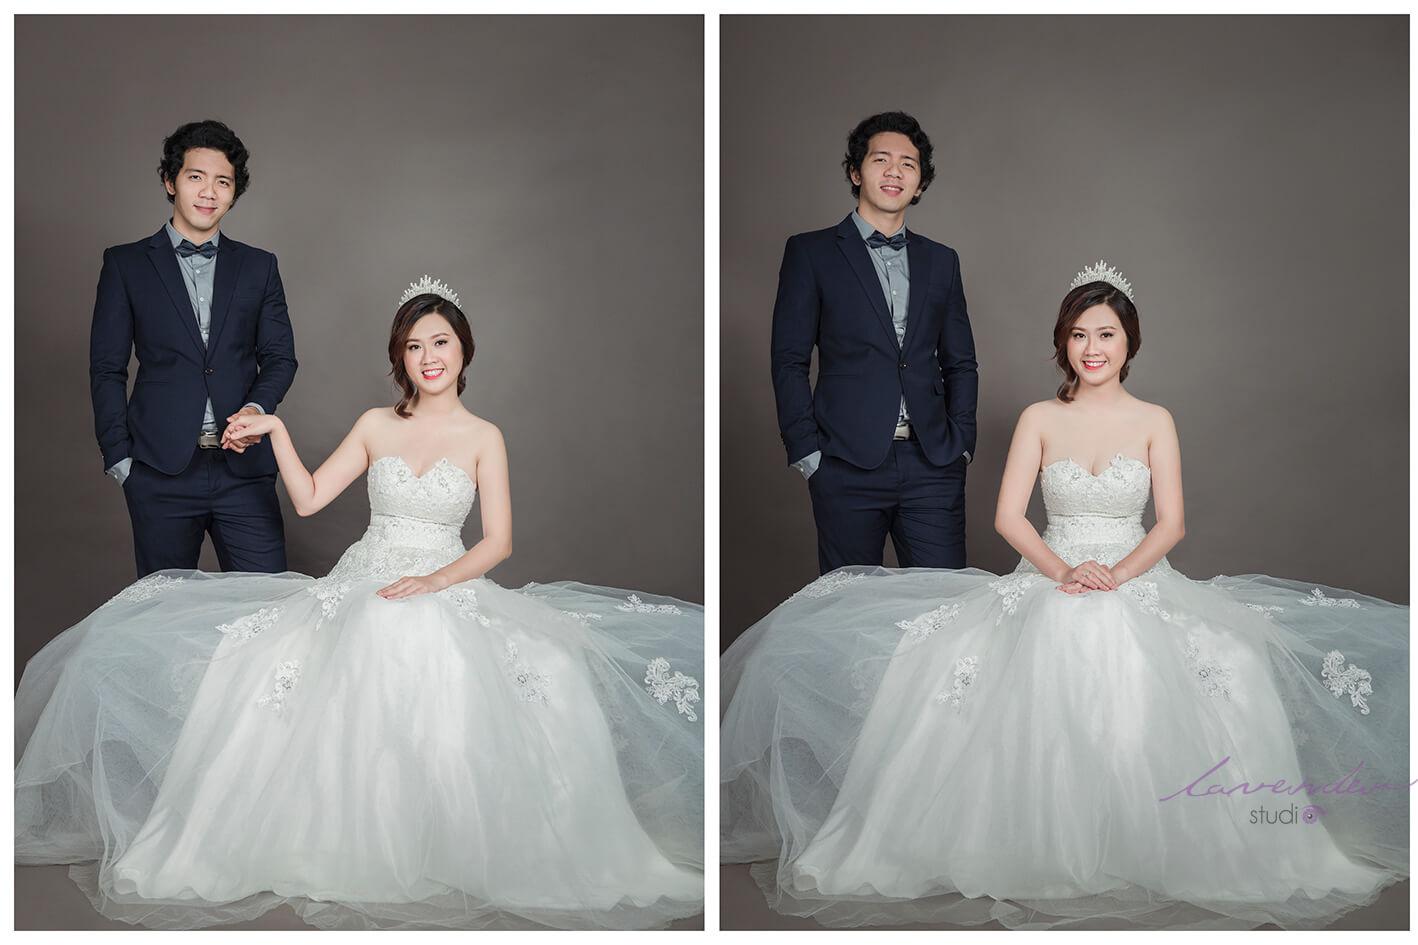 tiệm chụp hình cưới giá rẻ ở Hồ chí Minh